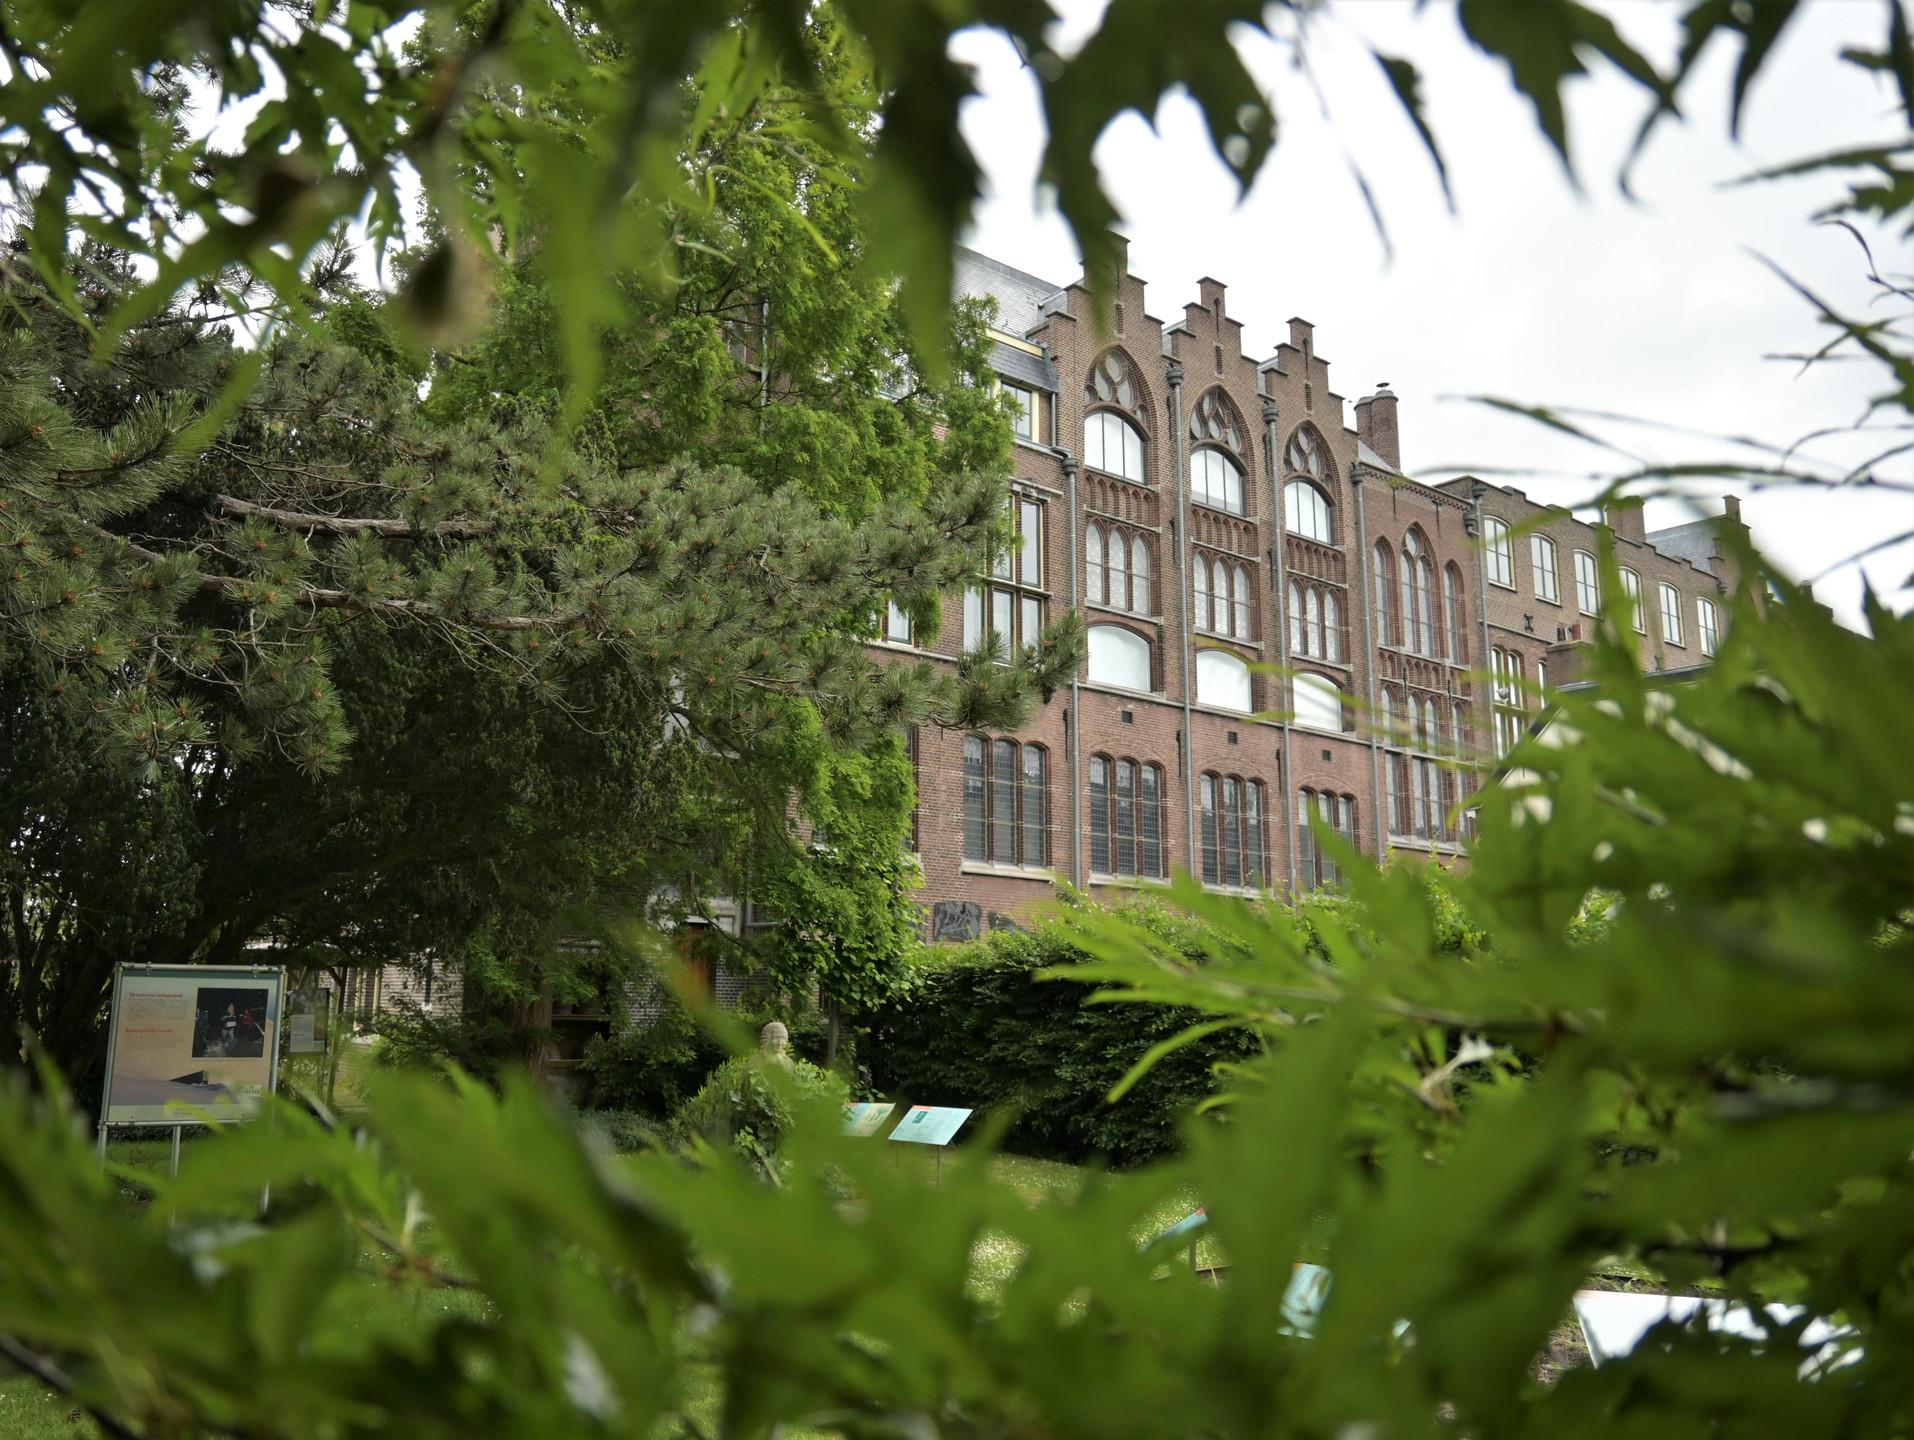 Hortus Botanicus University Leiden Netherlands